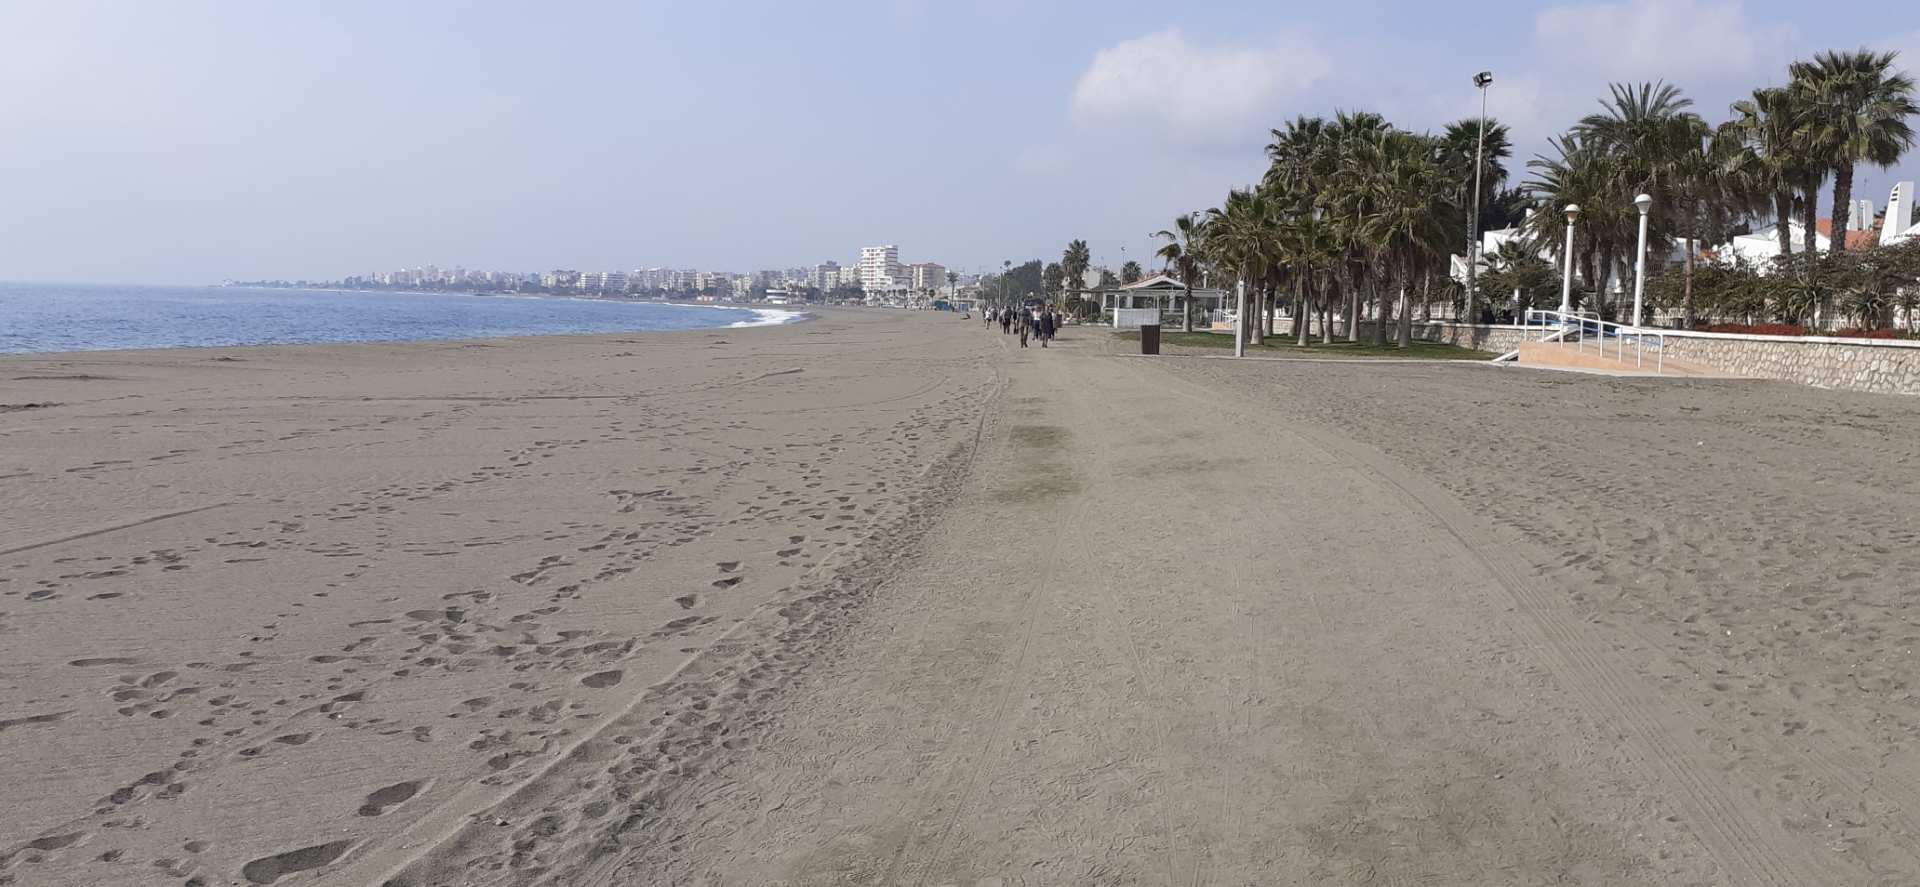 Caleta de Vélez